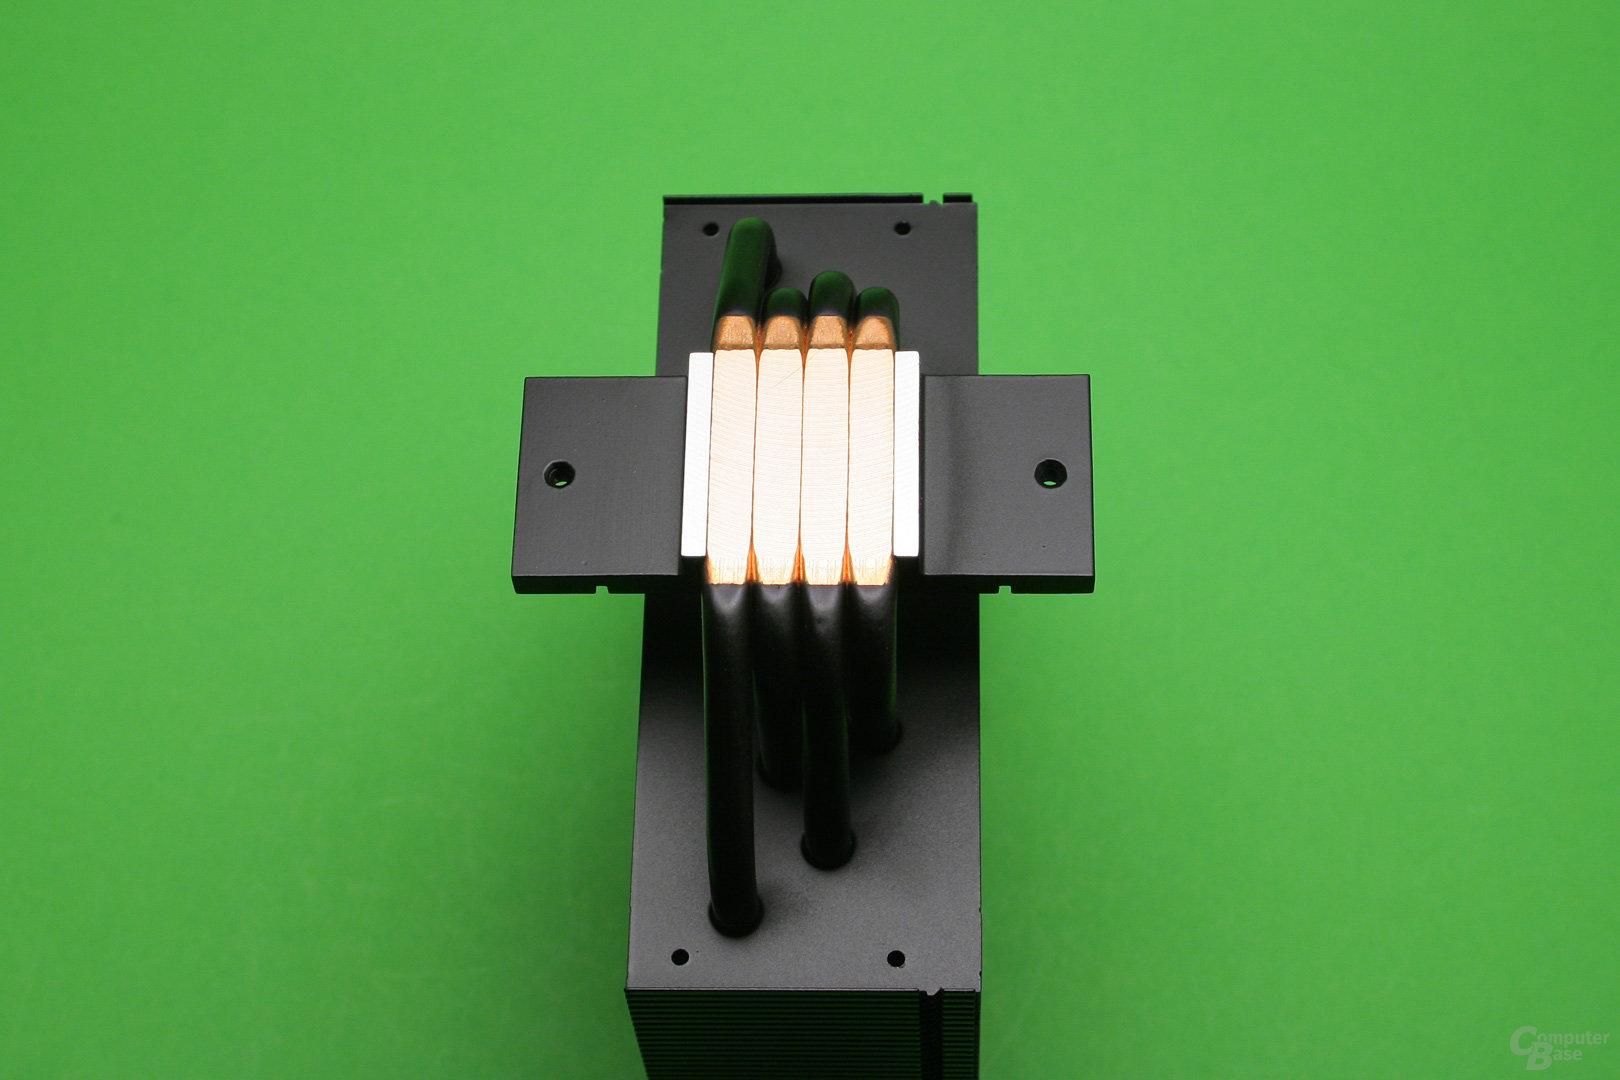 Arctic Freezer 33 eSports: Vier angeschliffene 6-mm-Heatpipes bilden die CPU-Auflagefläche